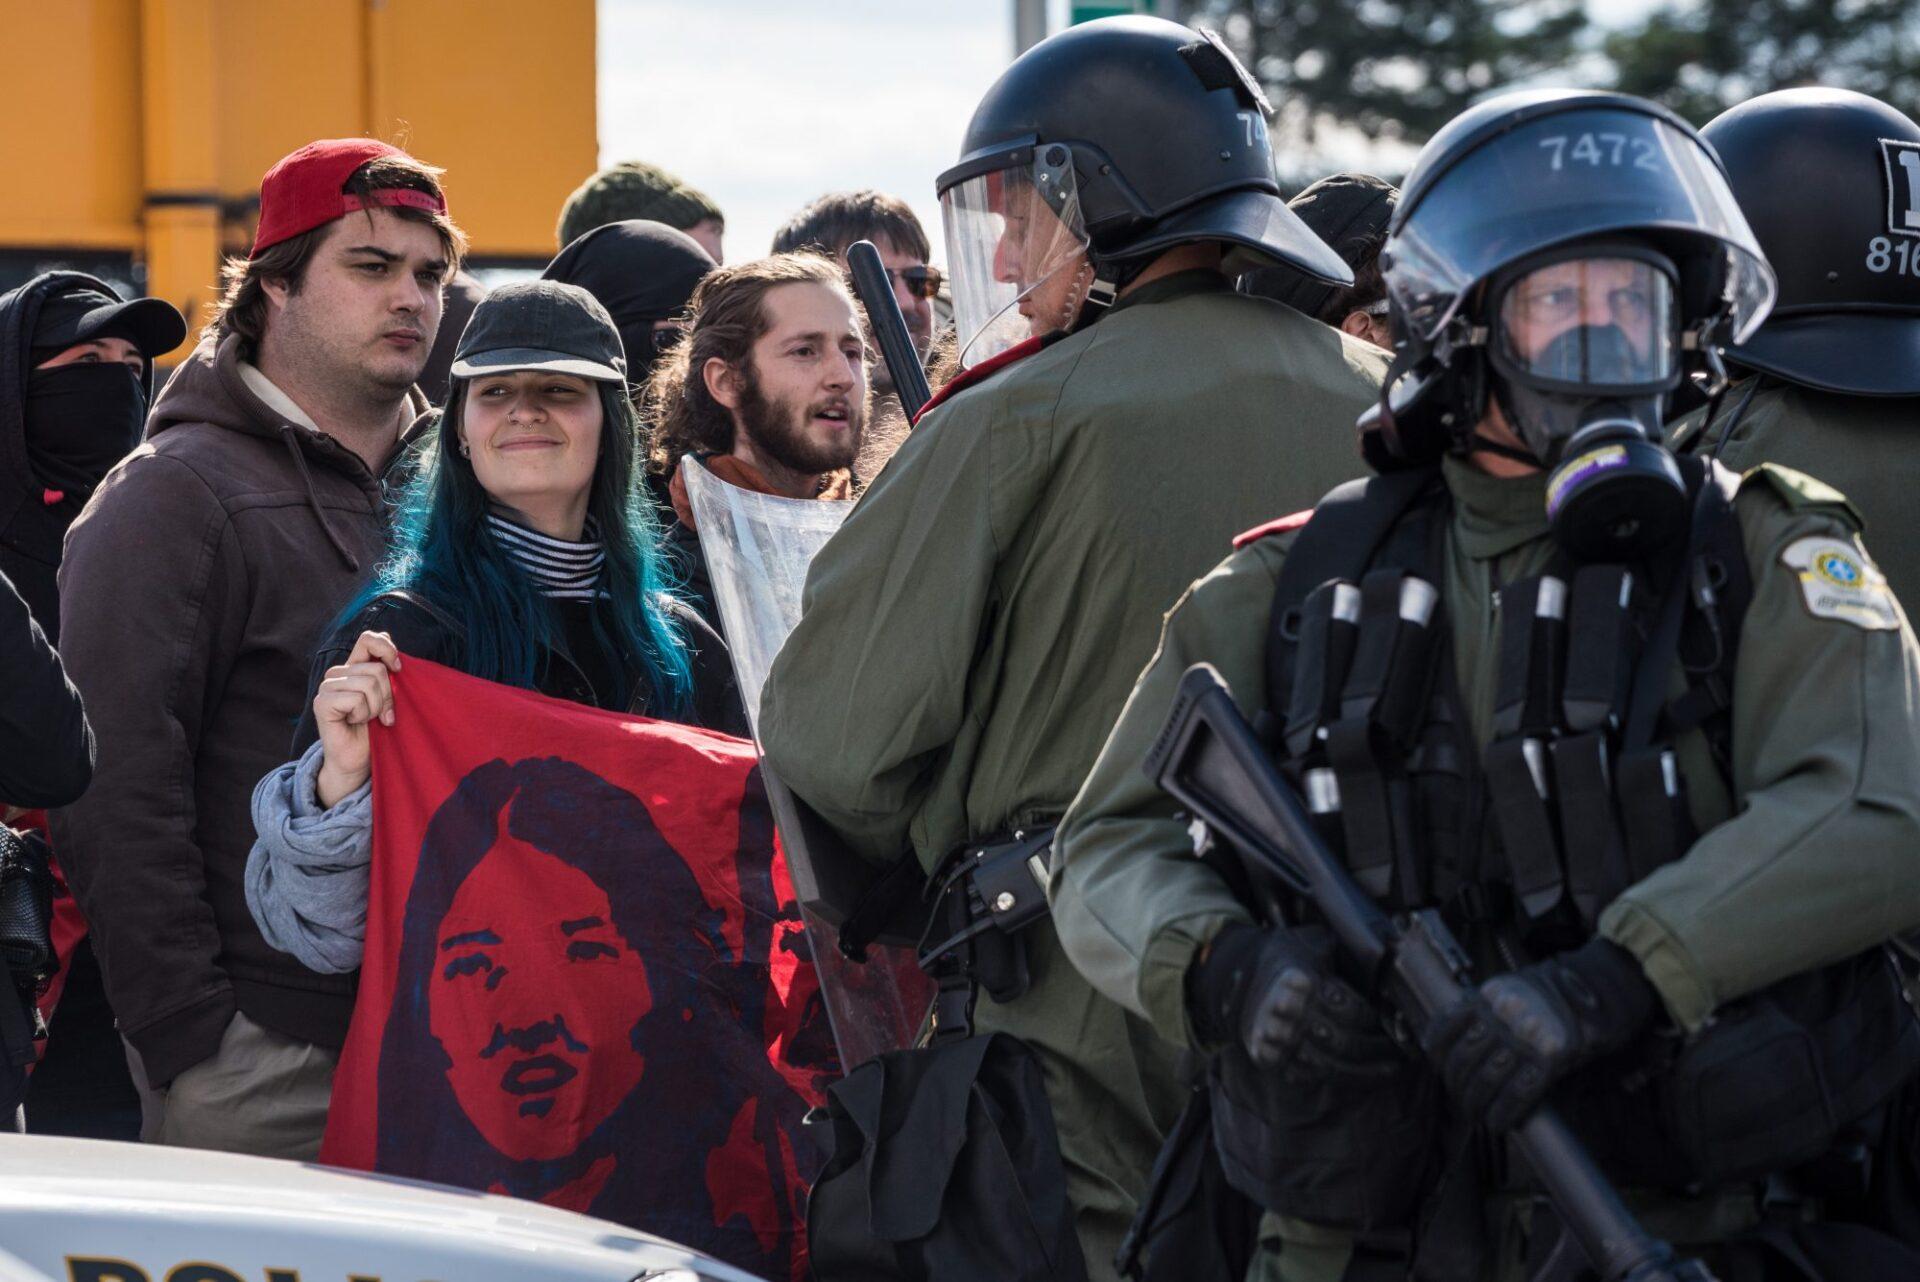 Les manifestants antifascistes ont occupé l'espace devant le camp de réfugiés et maintenu le contrôle de l'emplacement jusqu'au départ des sympathisants de Storm Alliance   Photo: Martin Ouellet-Diotte  Montréal Campus